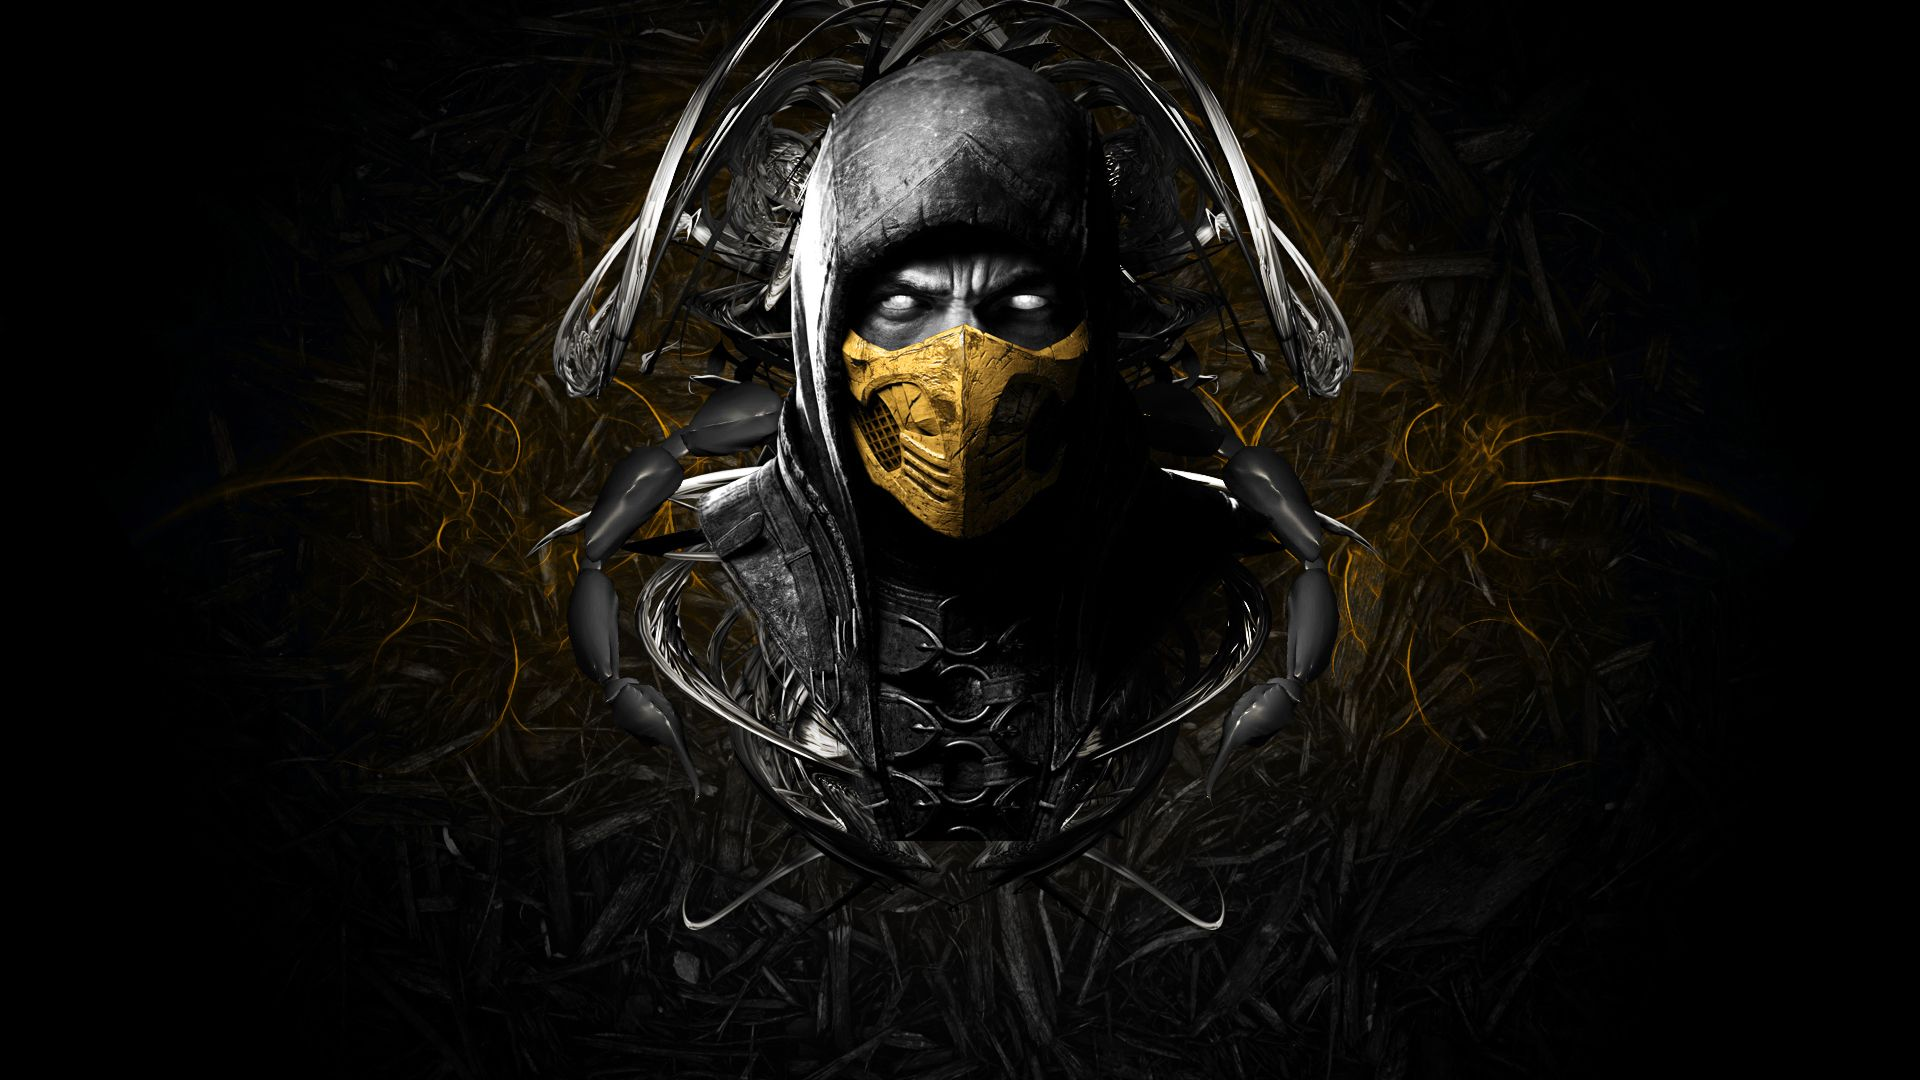 Mortal Kombat Wallpaper Desktop #Pua | Awesomeness | Mortal kombat x wallpapers, Mortal Kombat ...